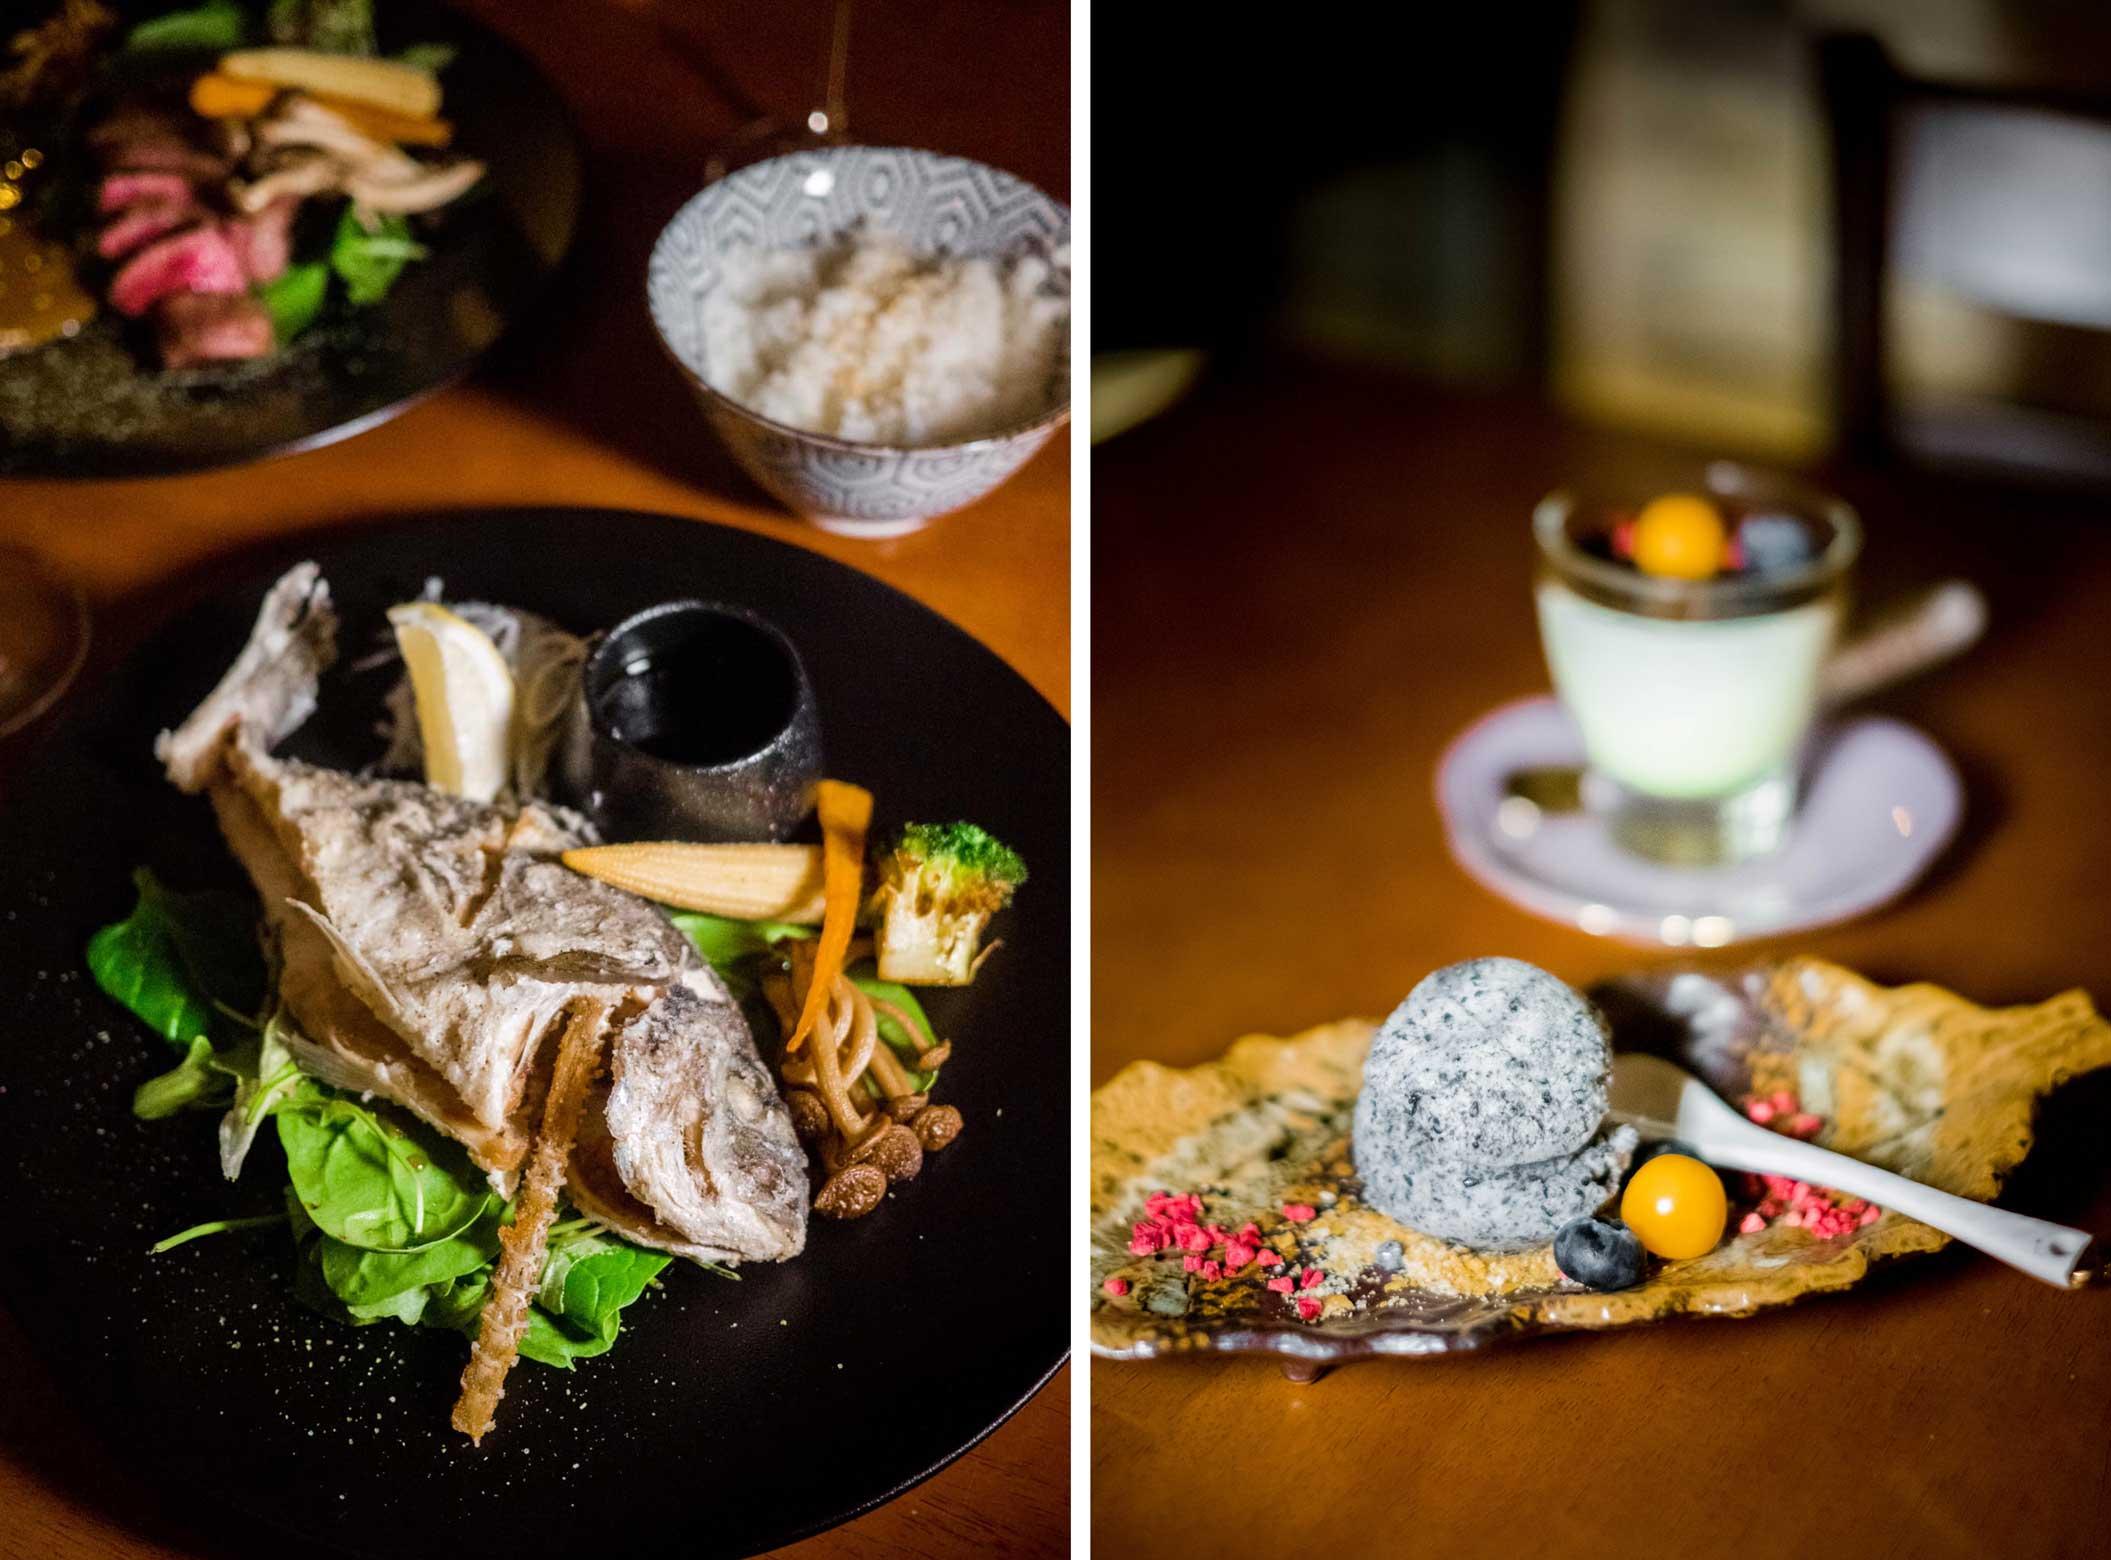 Kala filee koka valmistatud kastmes+Musta seesami jäätis